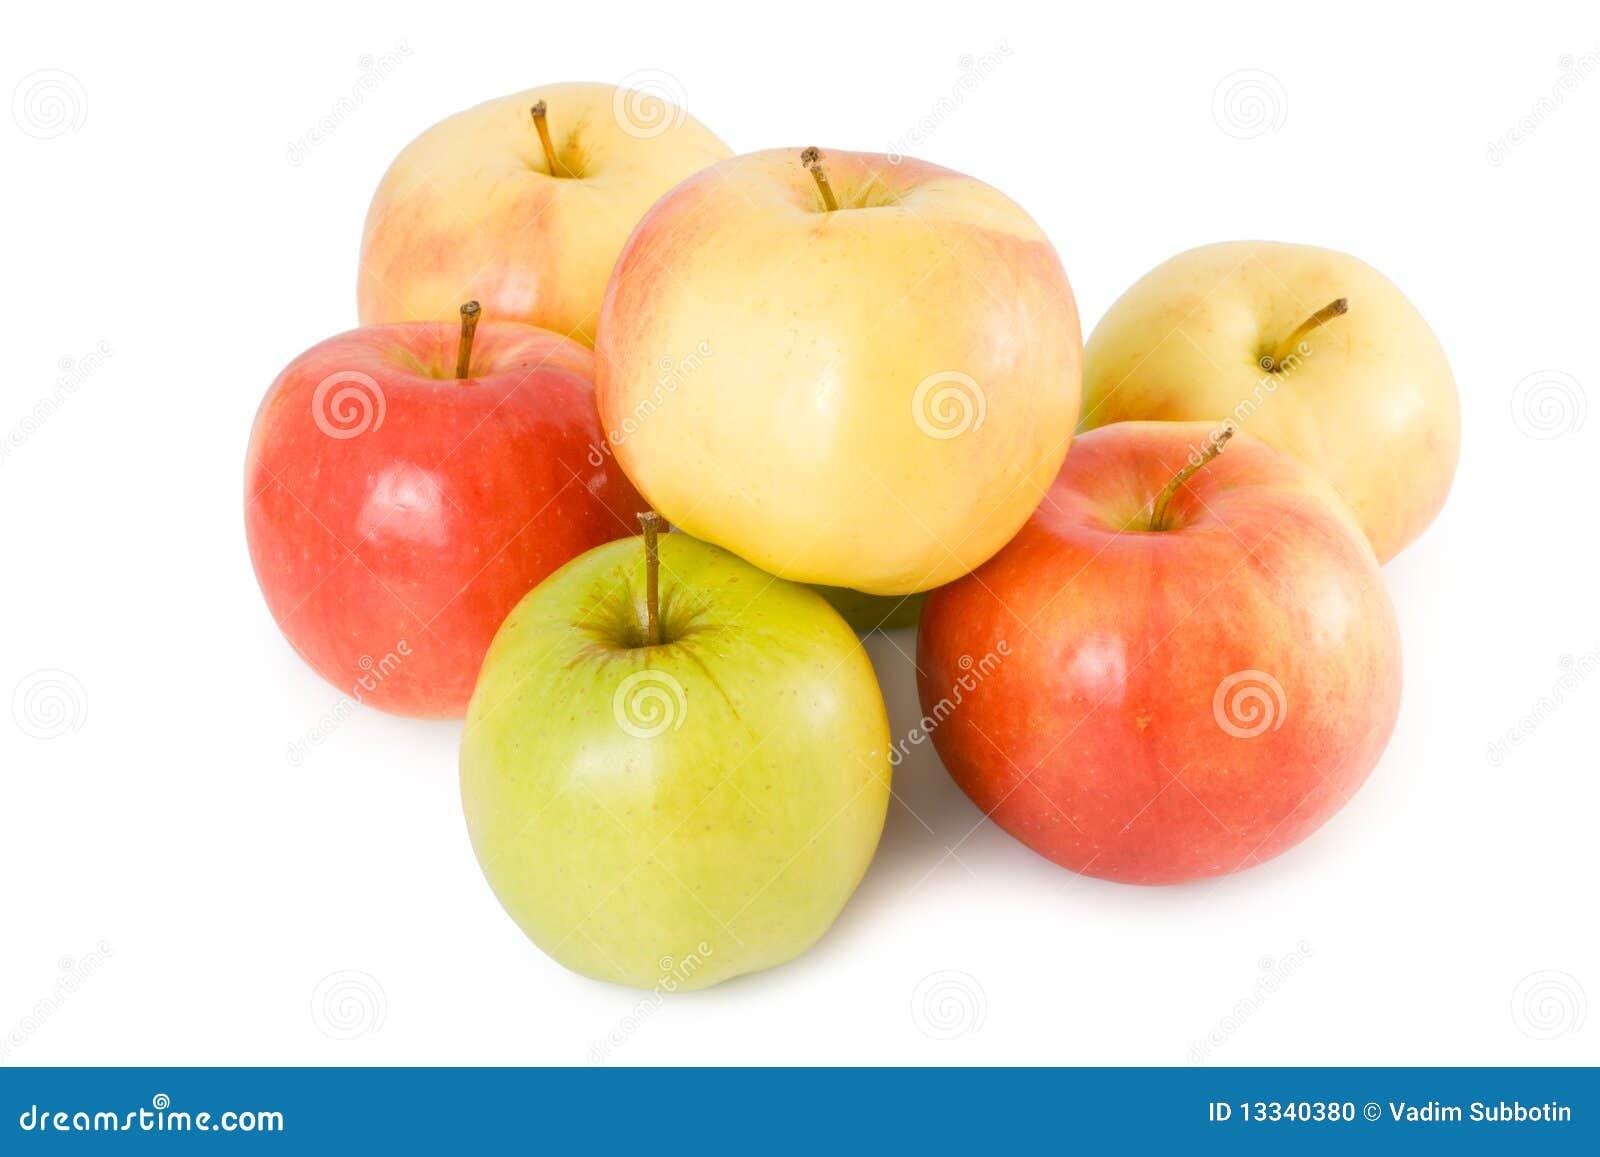 Jabłka rozsypisko